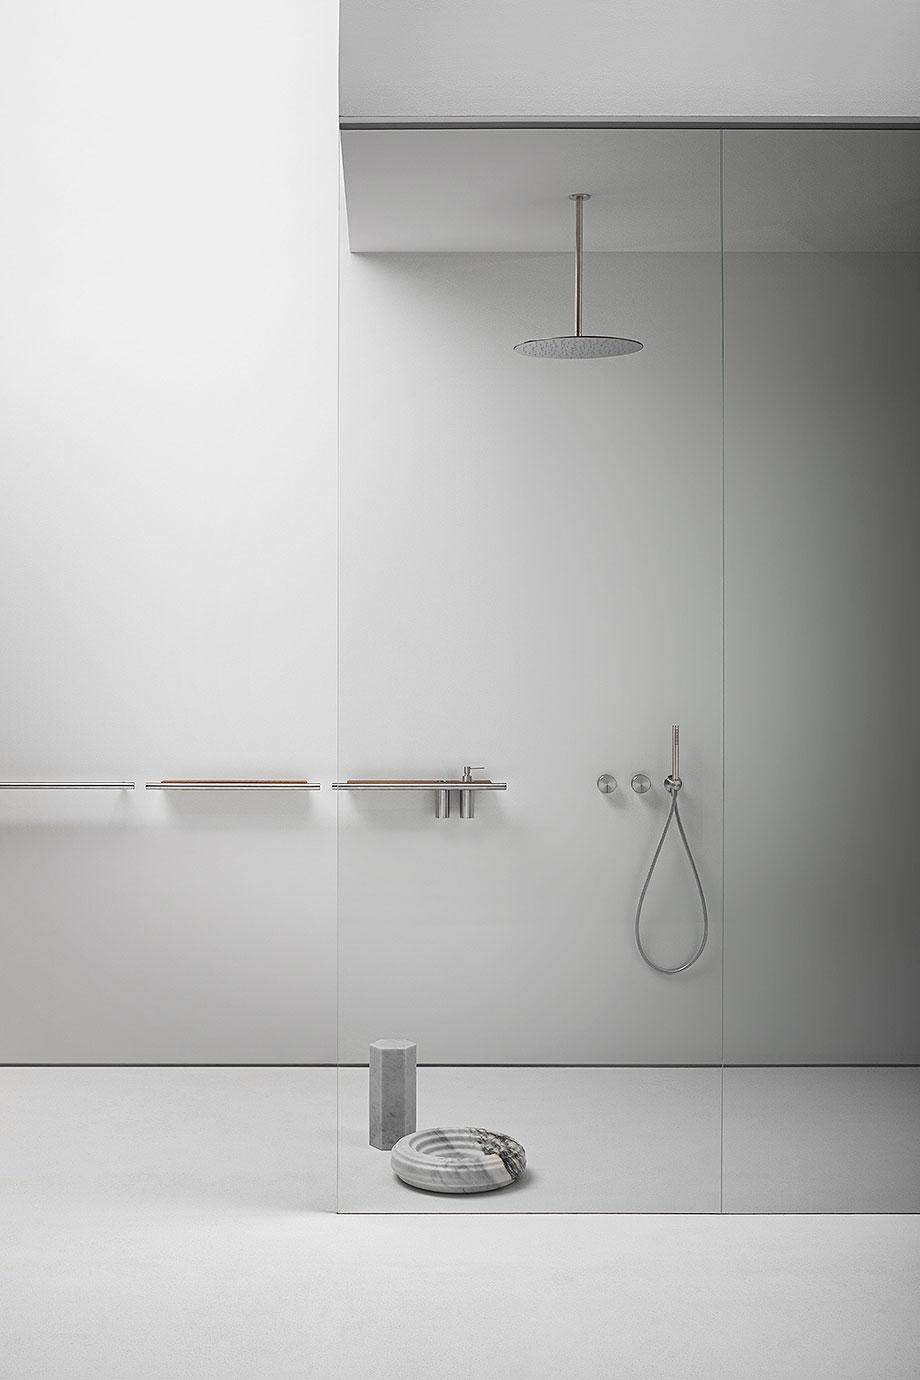 accesorios para baño cilindro de victor vasilev para falper (7) - foto alberto strada